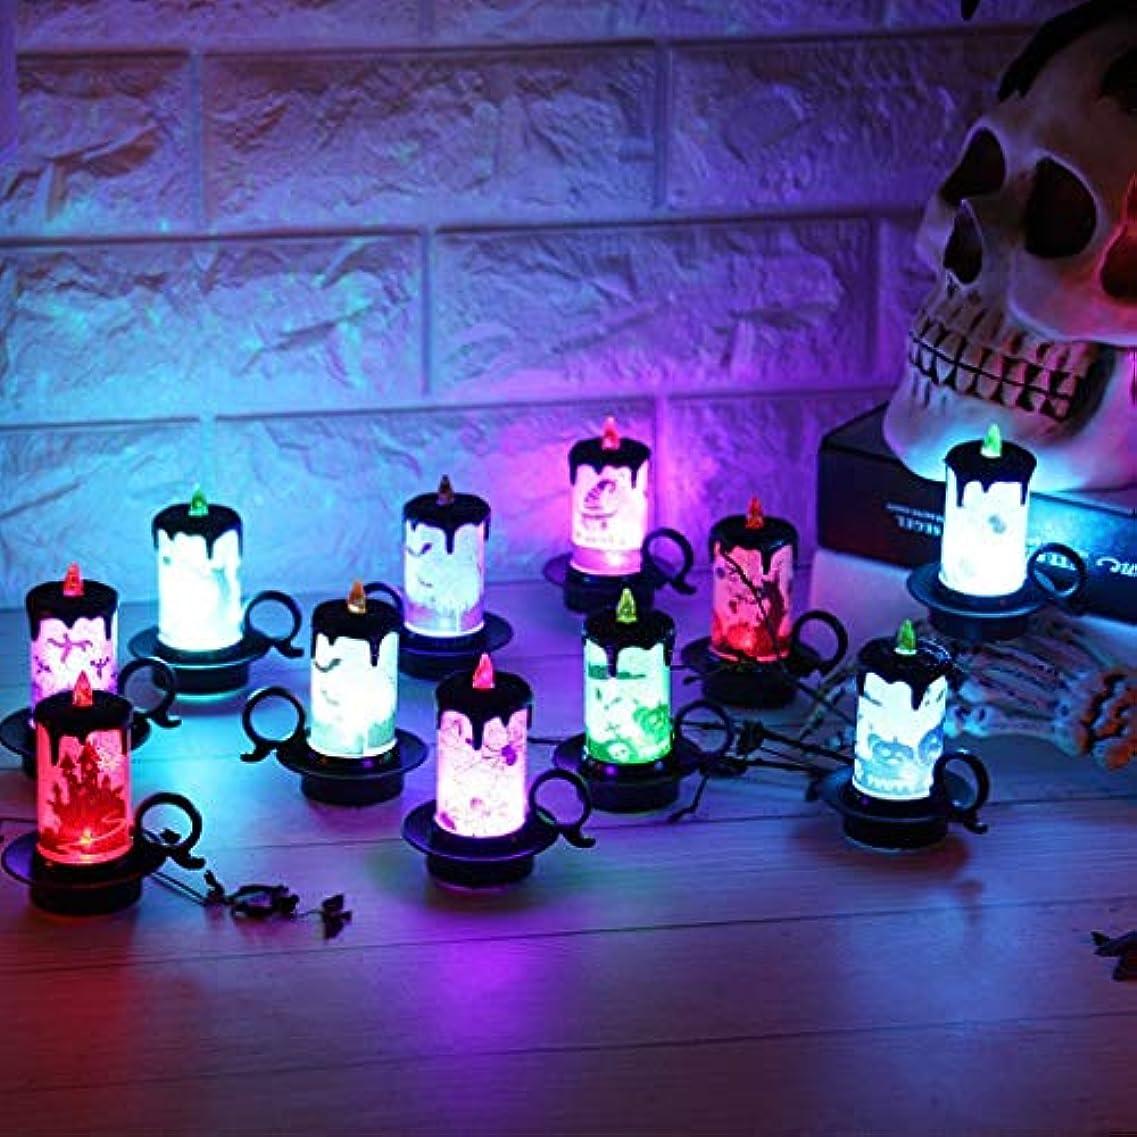 きょうだい標高レンチMCGMXG 12個 LEDライトキャンドル 電池式キャンドル 無香 炎 ティーライト 100時間以上点灯 電気フェイクキャンドル ホームクリスマスデコレーション用 7cm×8.5cm 1425